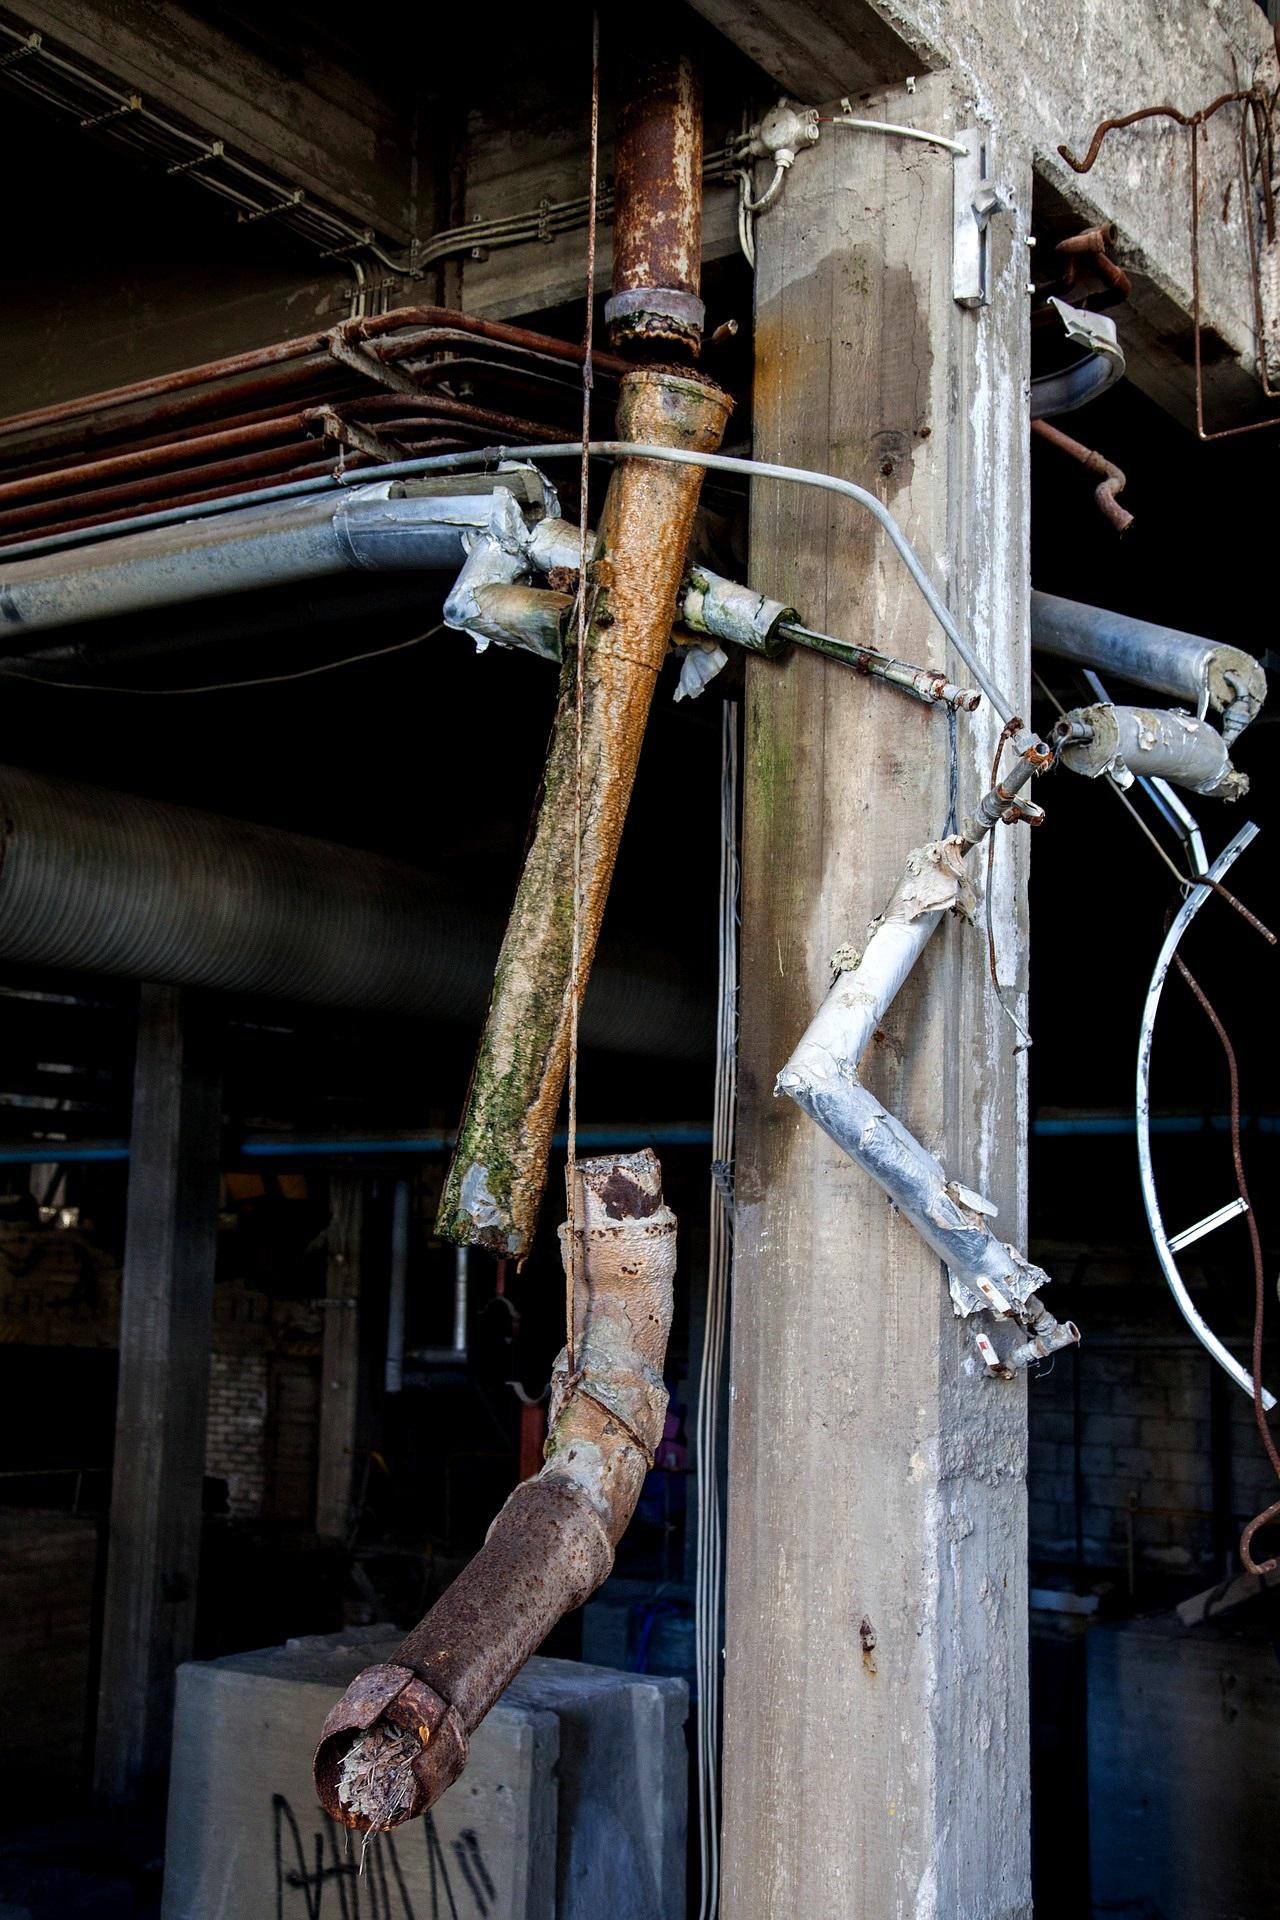 Rohrbruch Hilfe was tun Wasserrohrbruch Bautrocknung Duregger Leitung Lochfraßkorrosion Wasserzufuhrsystem Schaden Wasserschaden